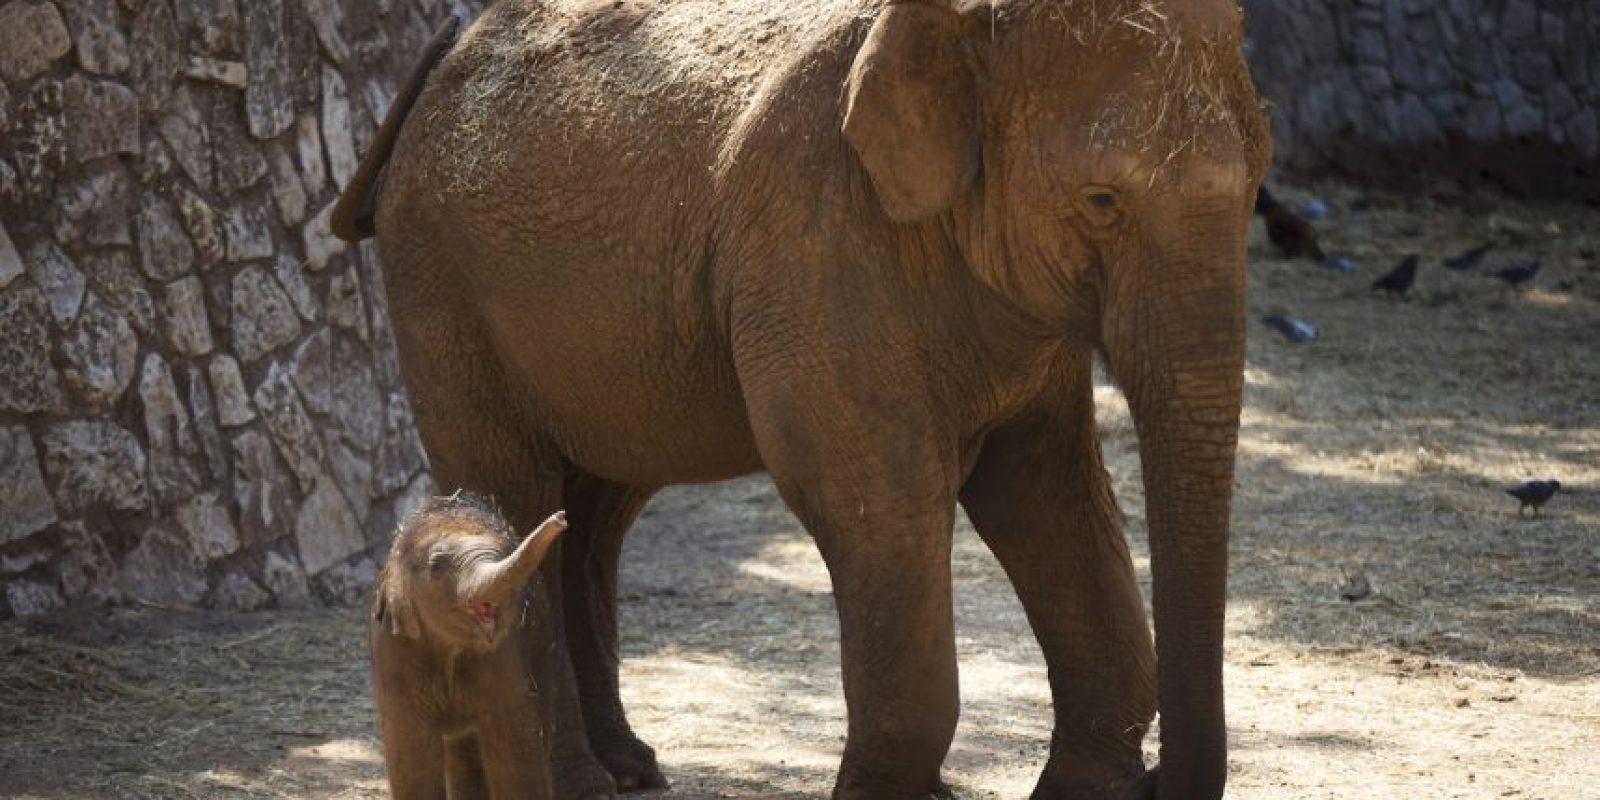 El peso al nacer usualmente es 120 kilógramos (53 libras) Foto:Getty Images